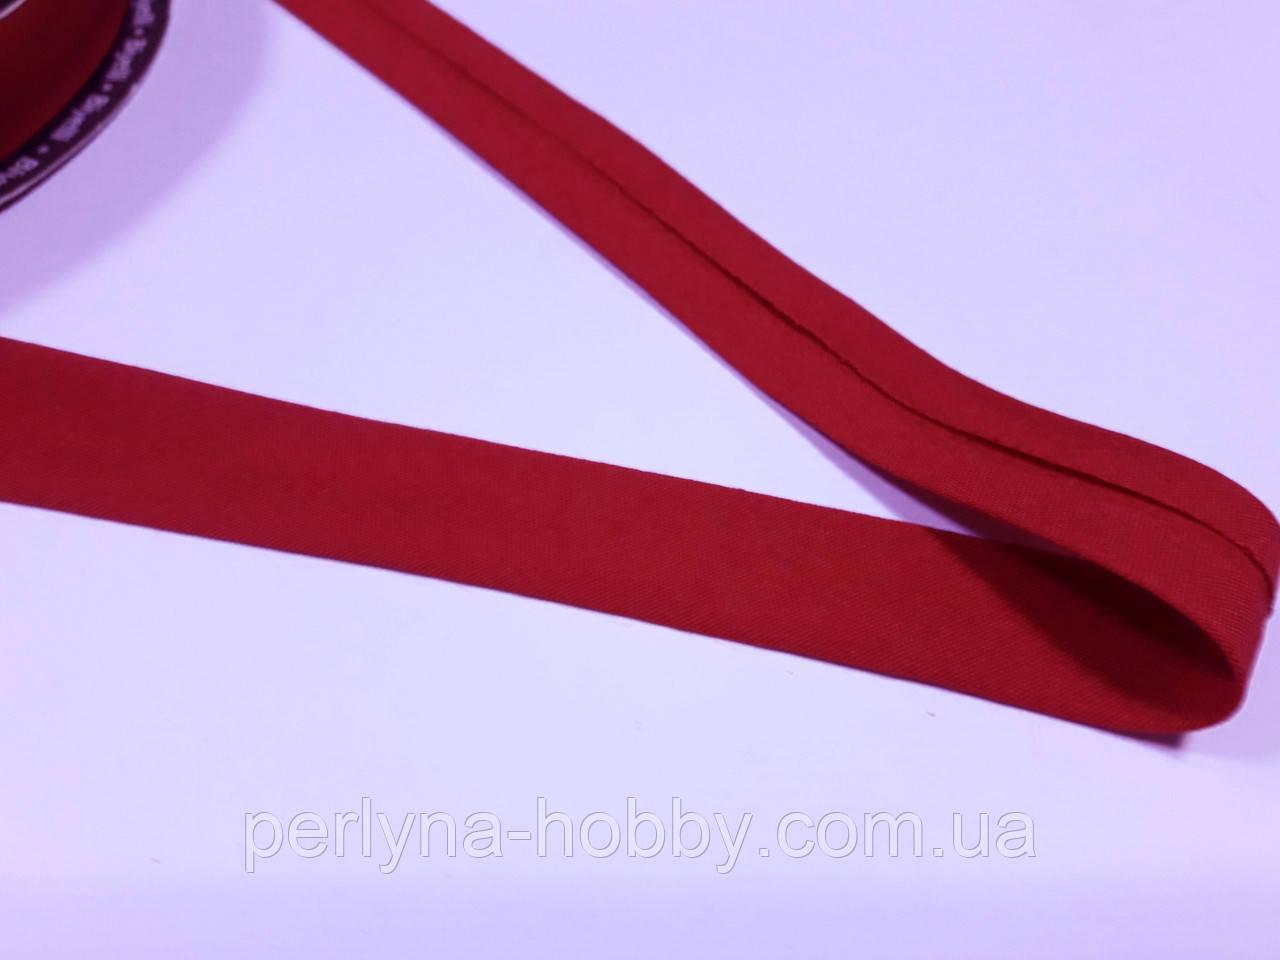 Бейка лямівка бавовняна 2 см.. Косая бейка хлопок, Червона з малиновим відтінком. Ціна за 1 метр